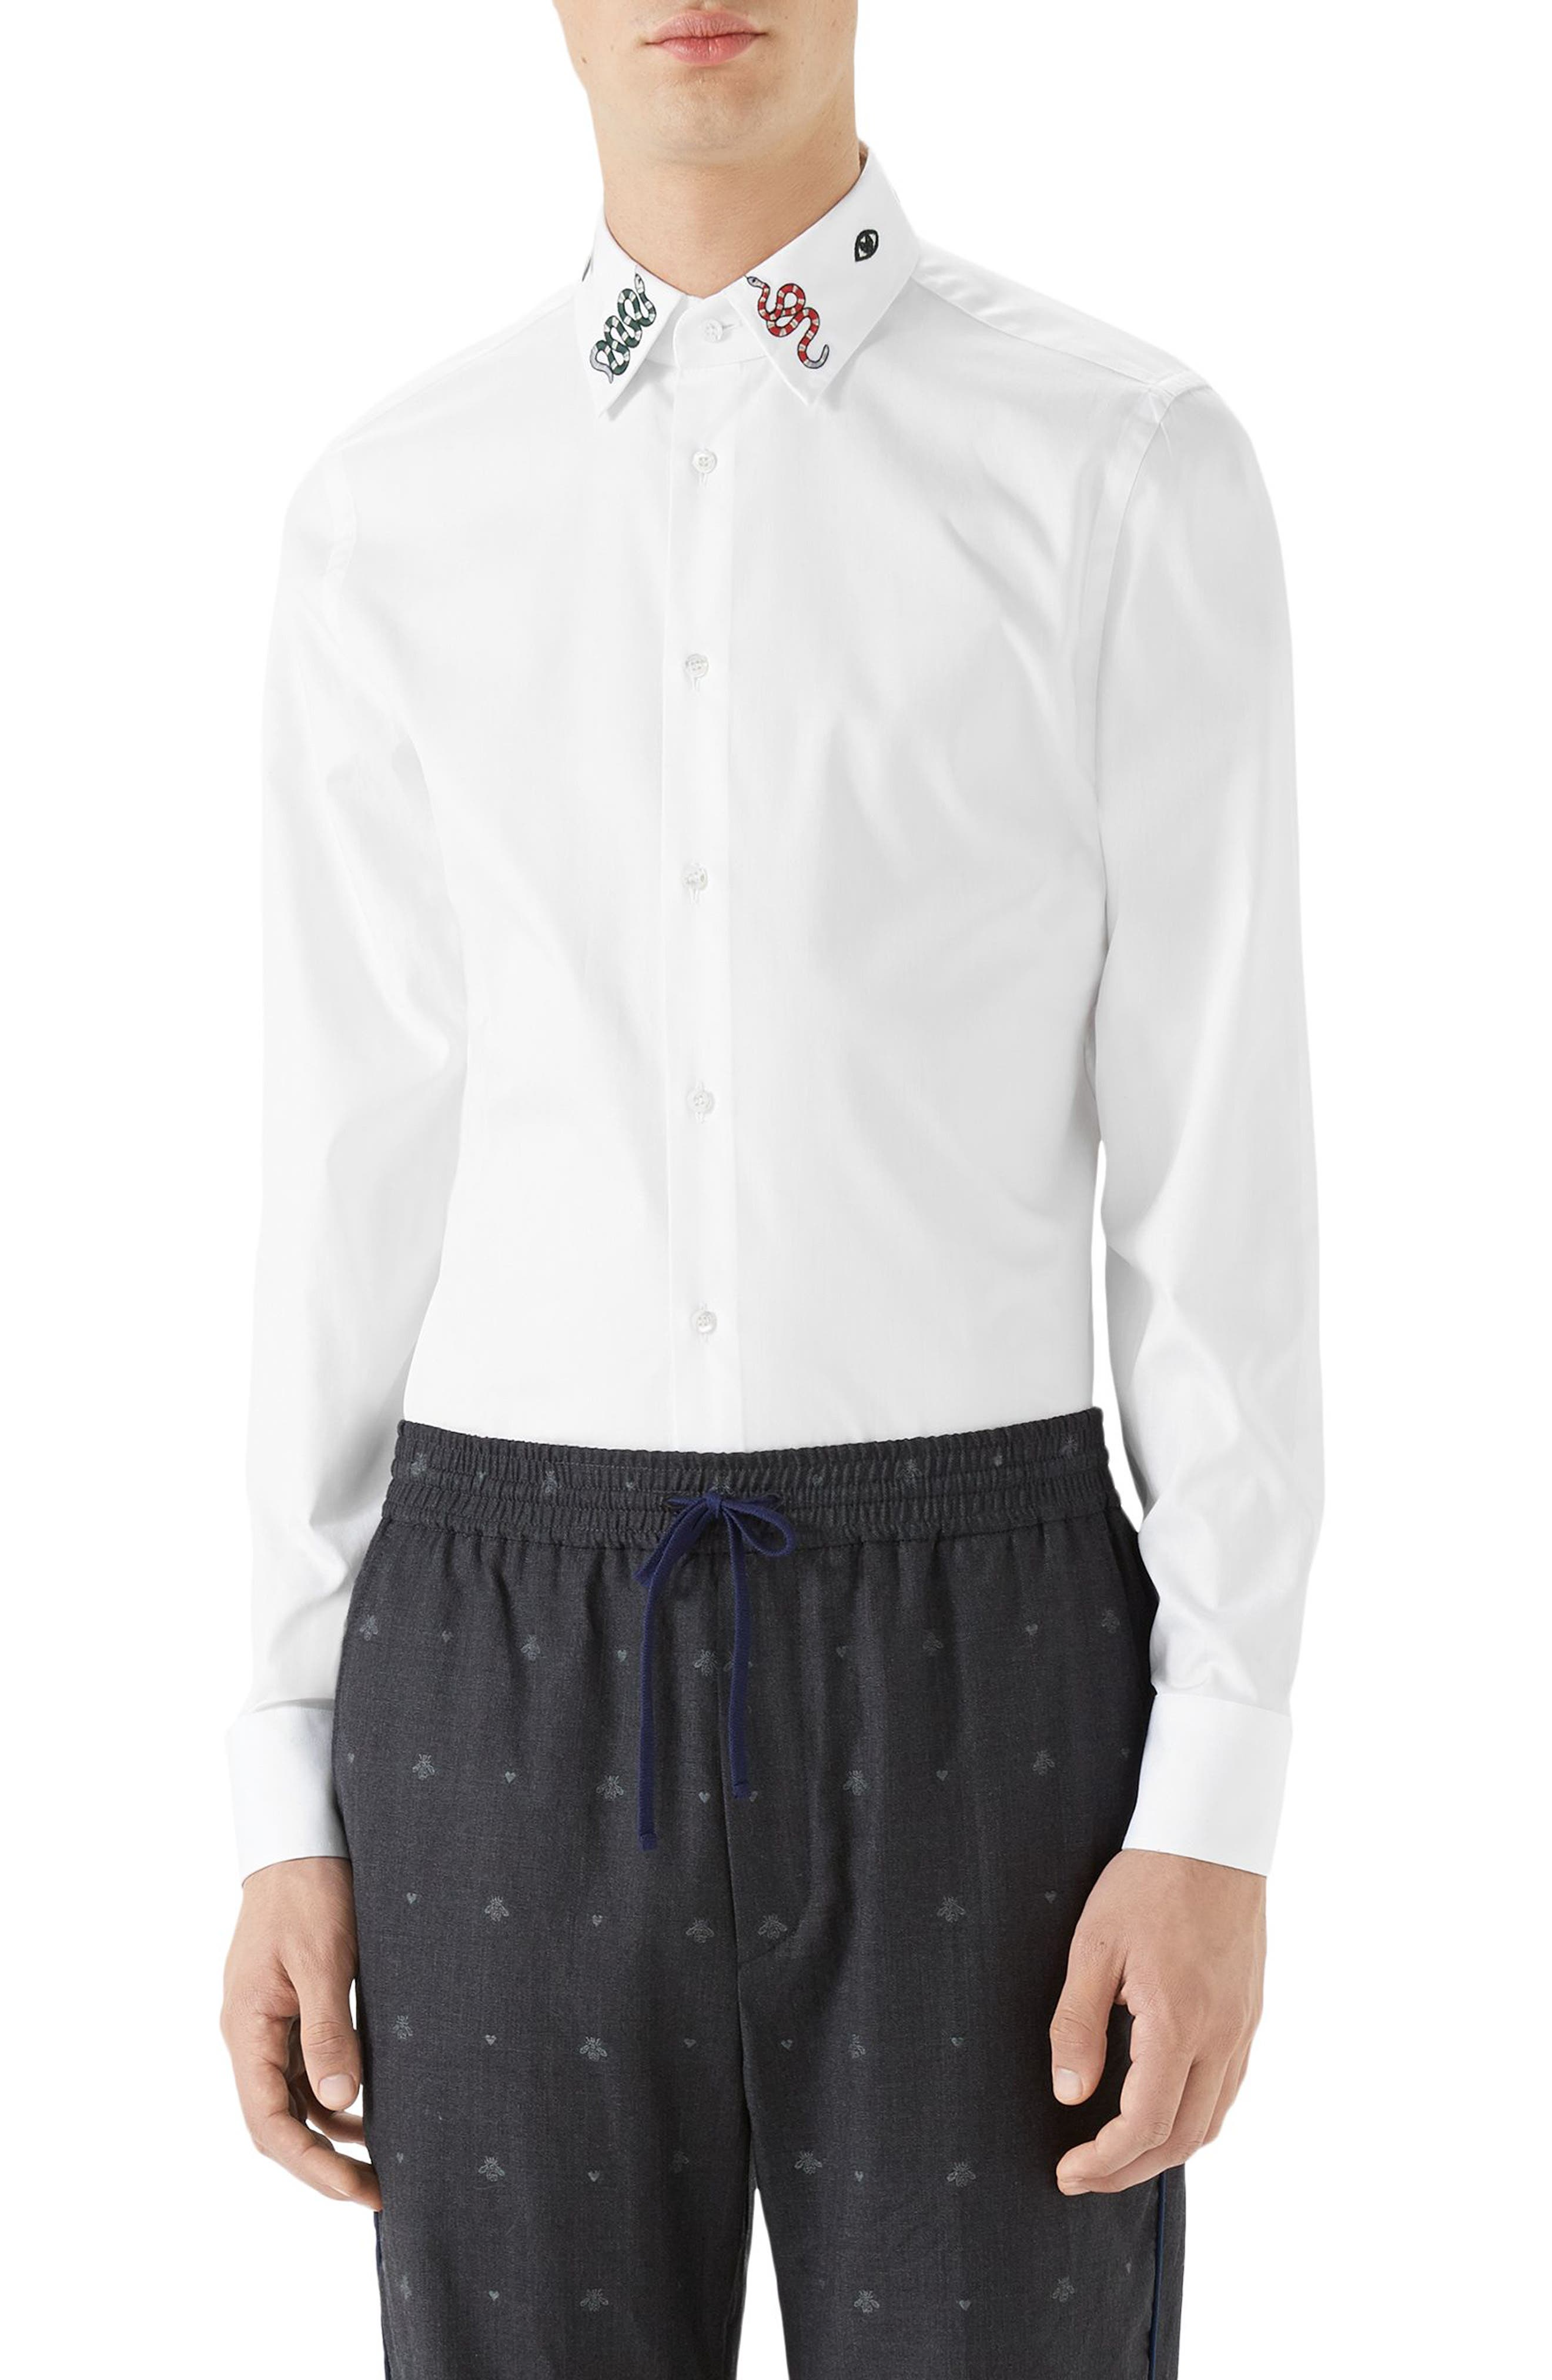 Gucci Embroidered Collar Emblem Sport Shirt